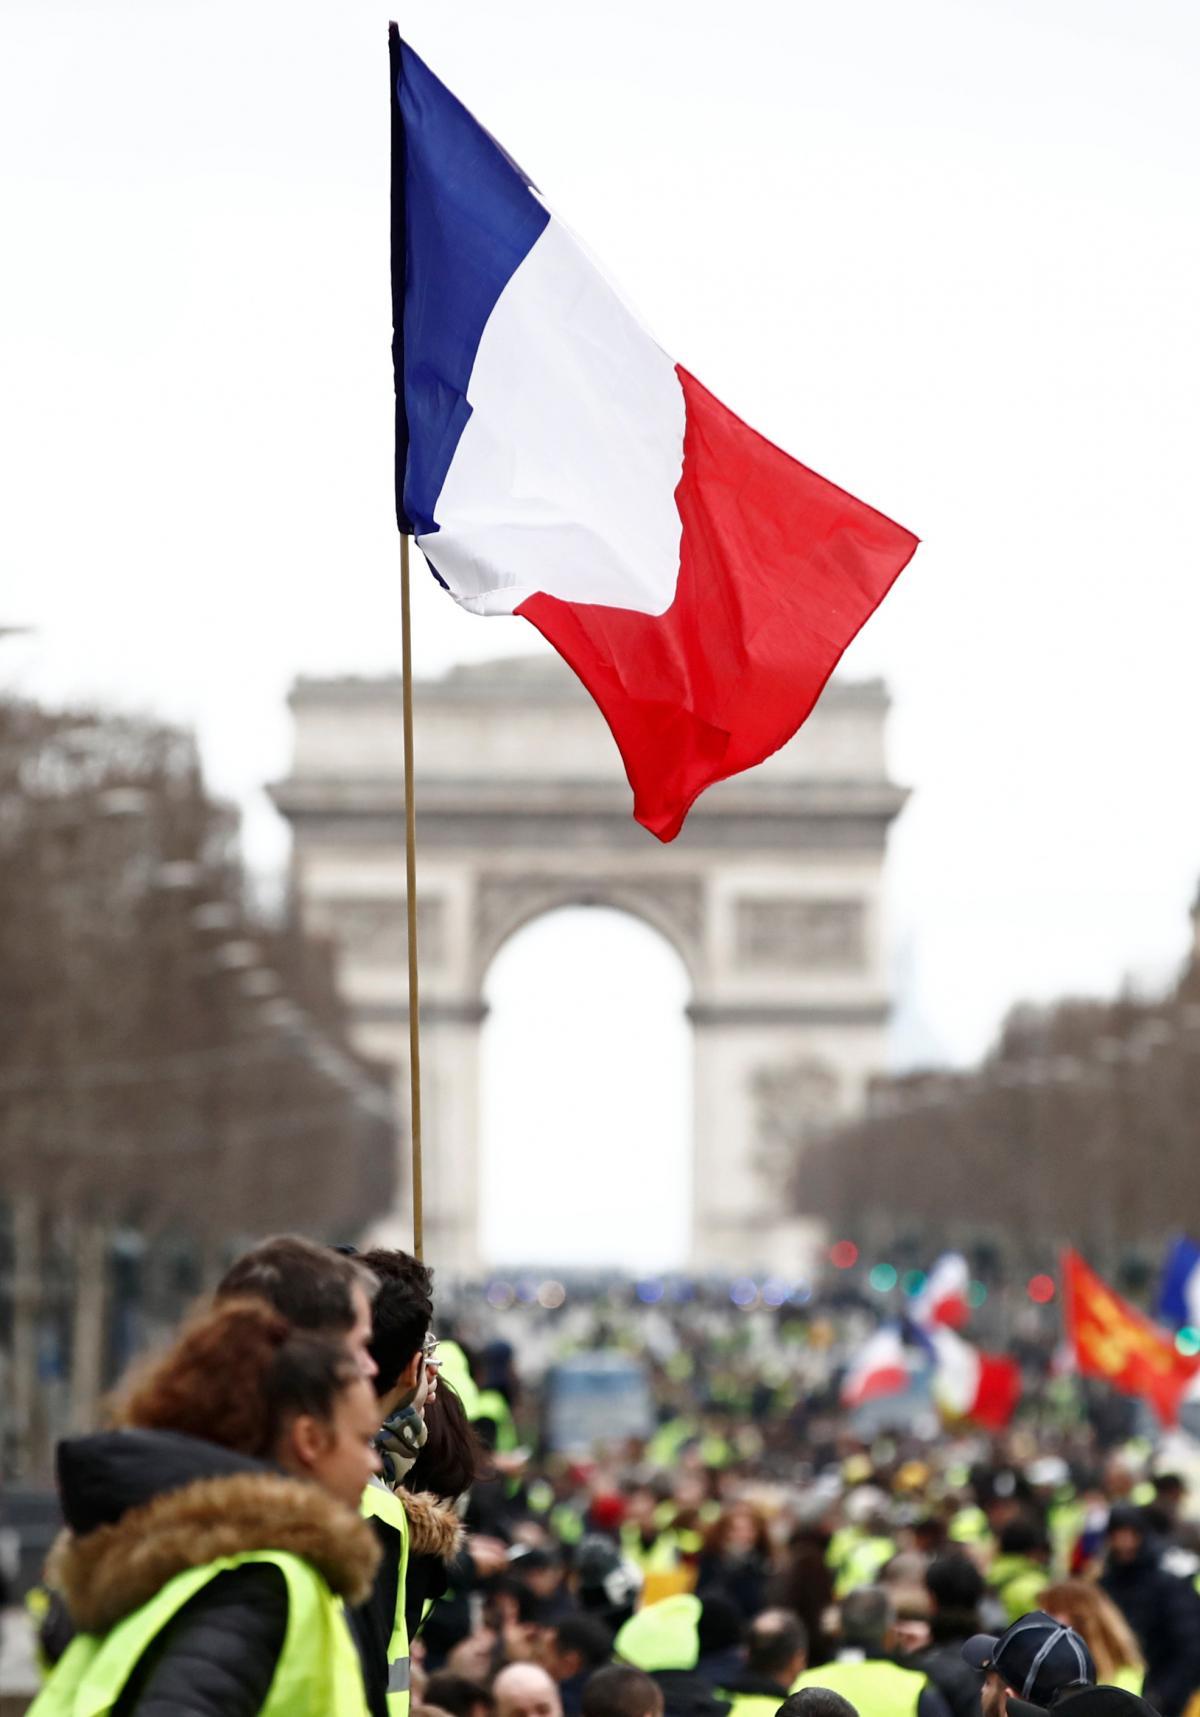 Во Франциидали разрешениена разработку бионических технологий для военных / фото REUTERS